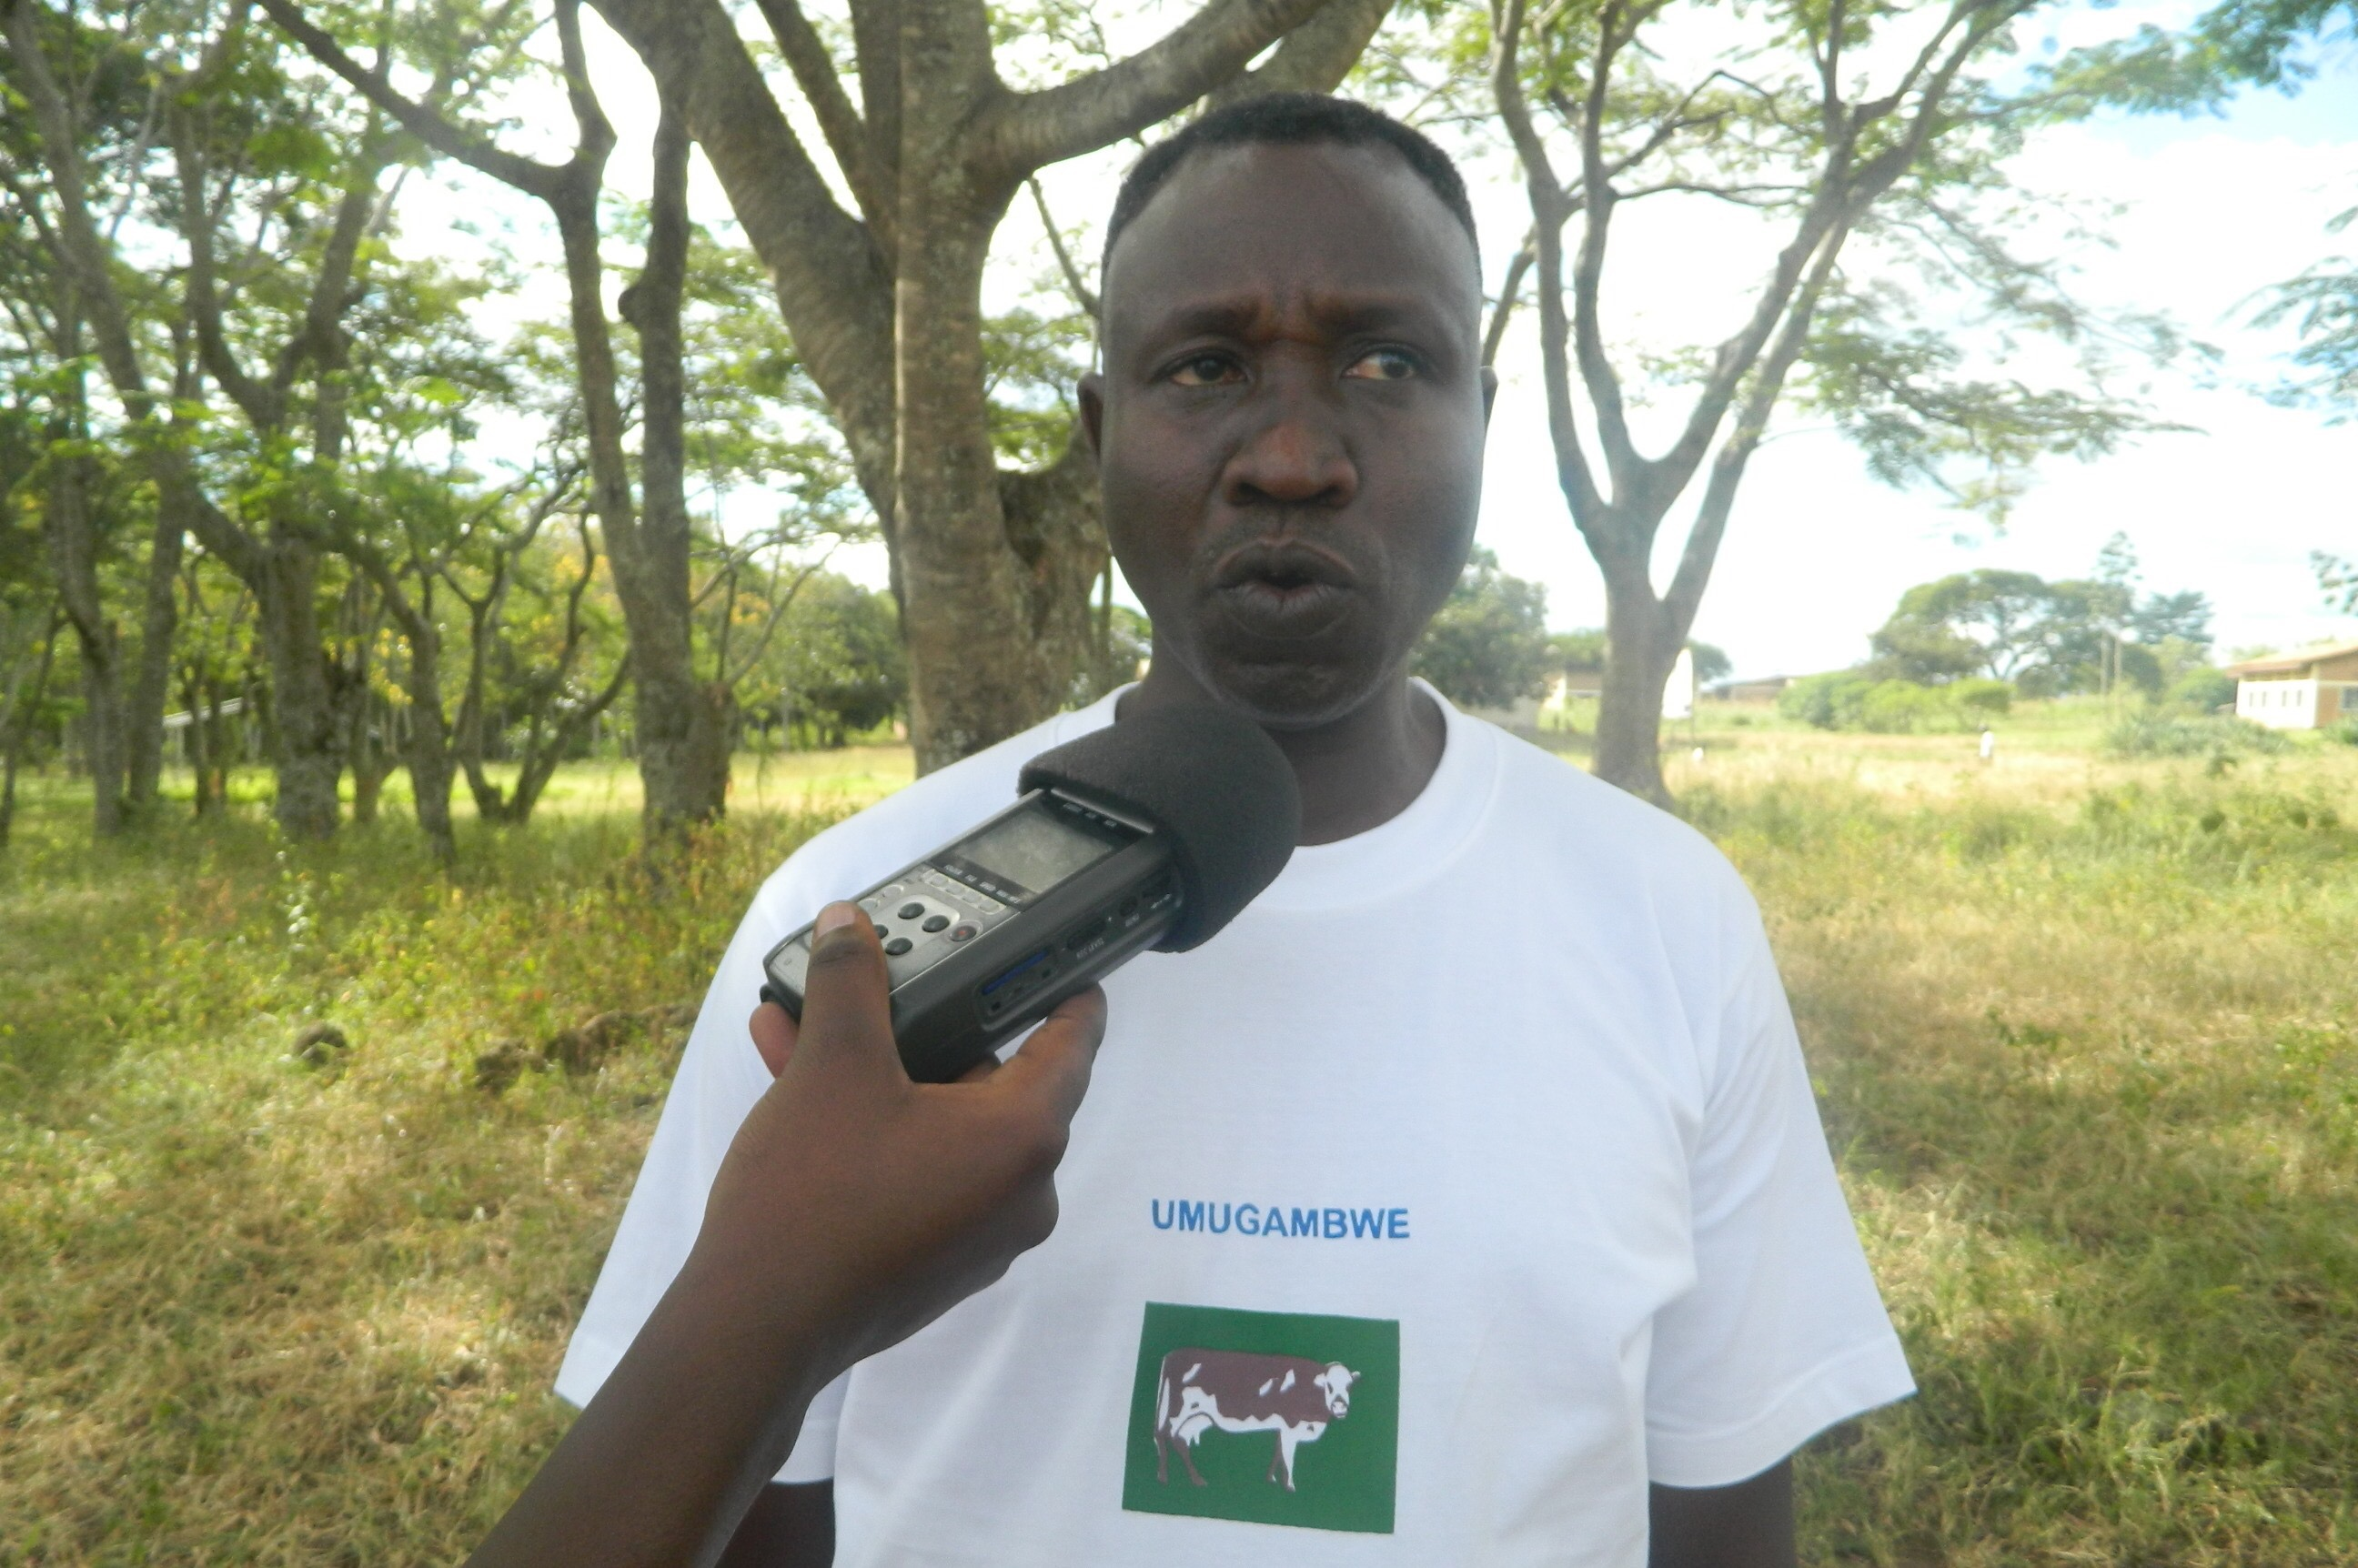 Umugambwe RANAC ushigikiye yuko ibwirizwa nshingiro rihinduka | Ihanga  Ryera ry-Imana